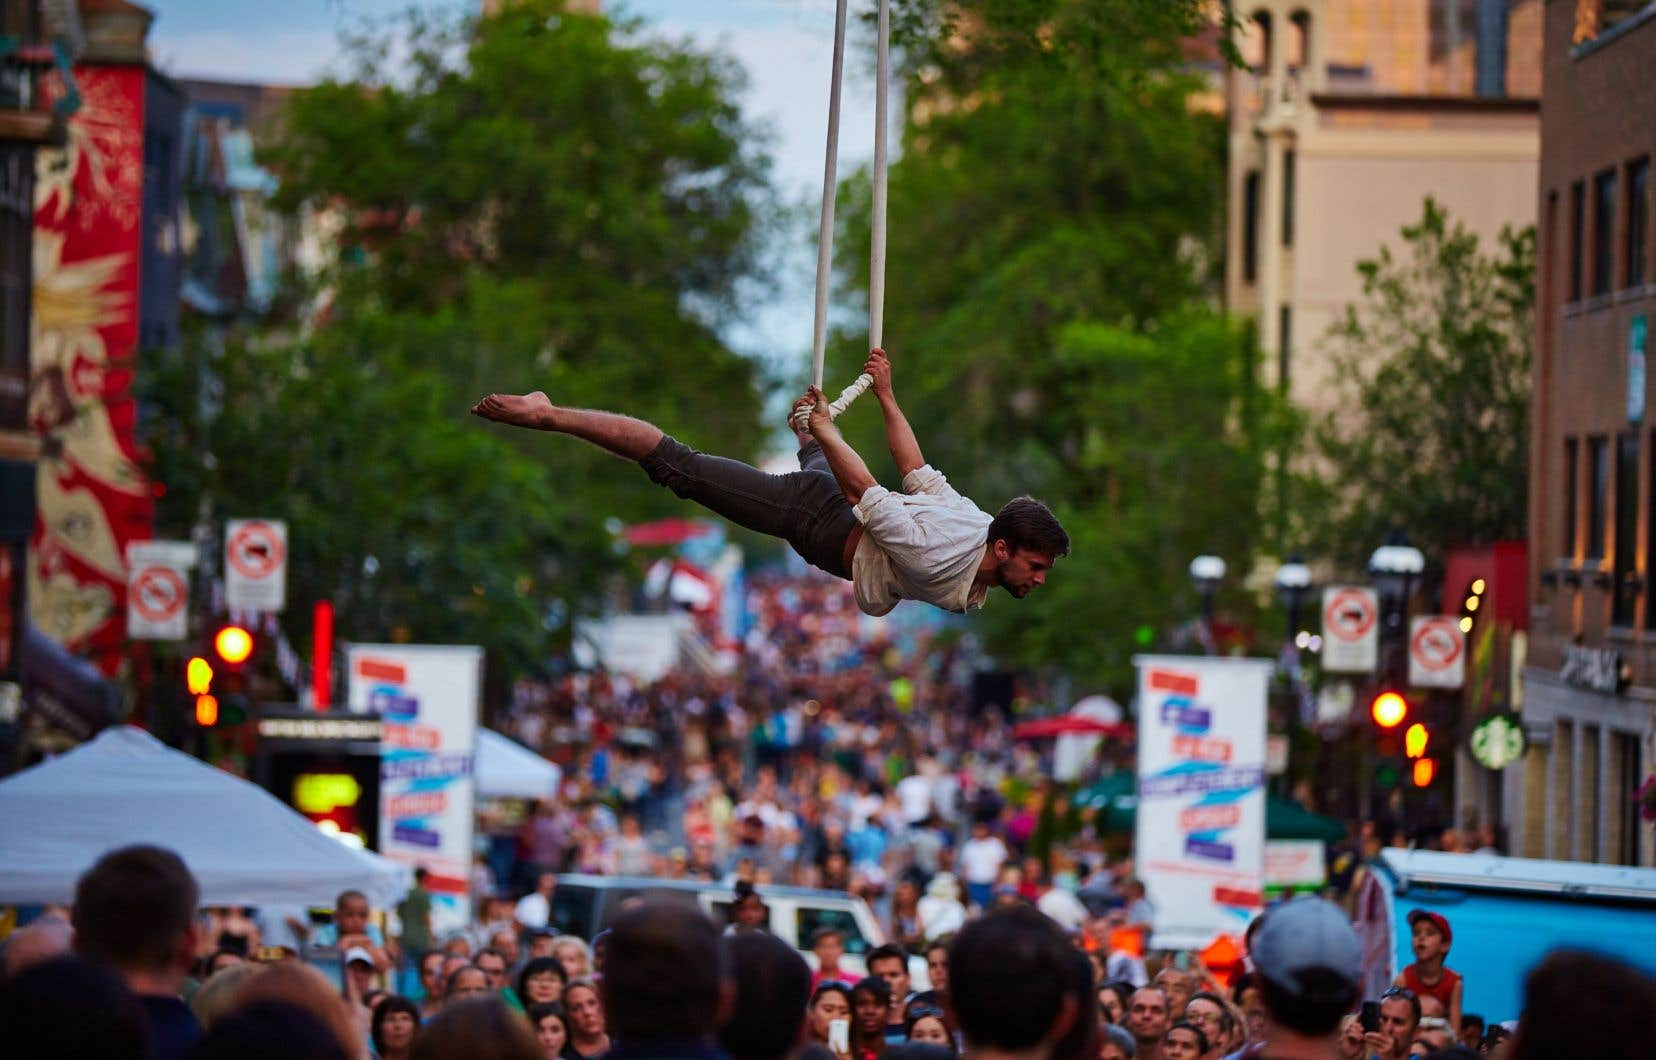 Calendrier Festival.Au Calendrier Montreal Completement Cirque Gratuit Le Devoir